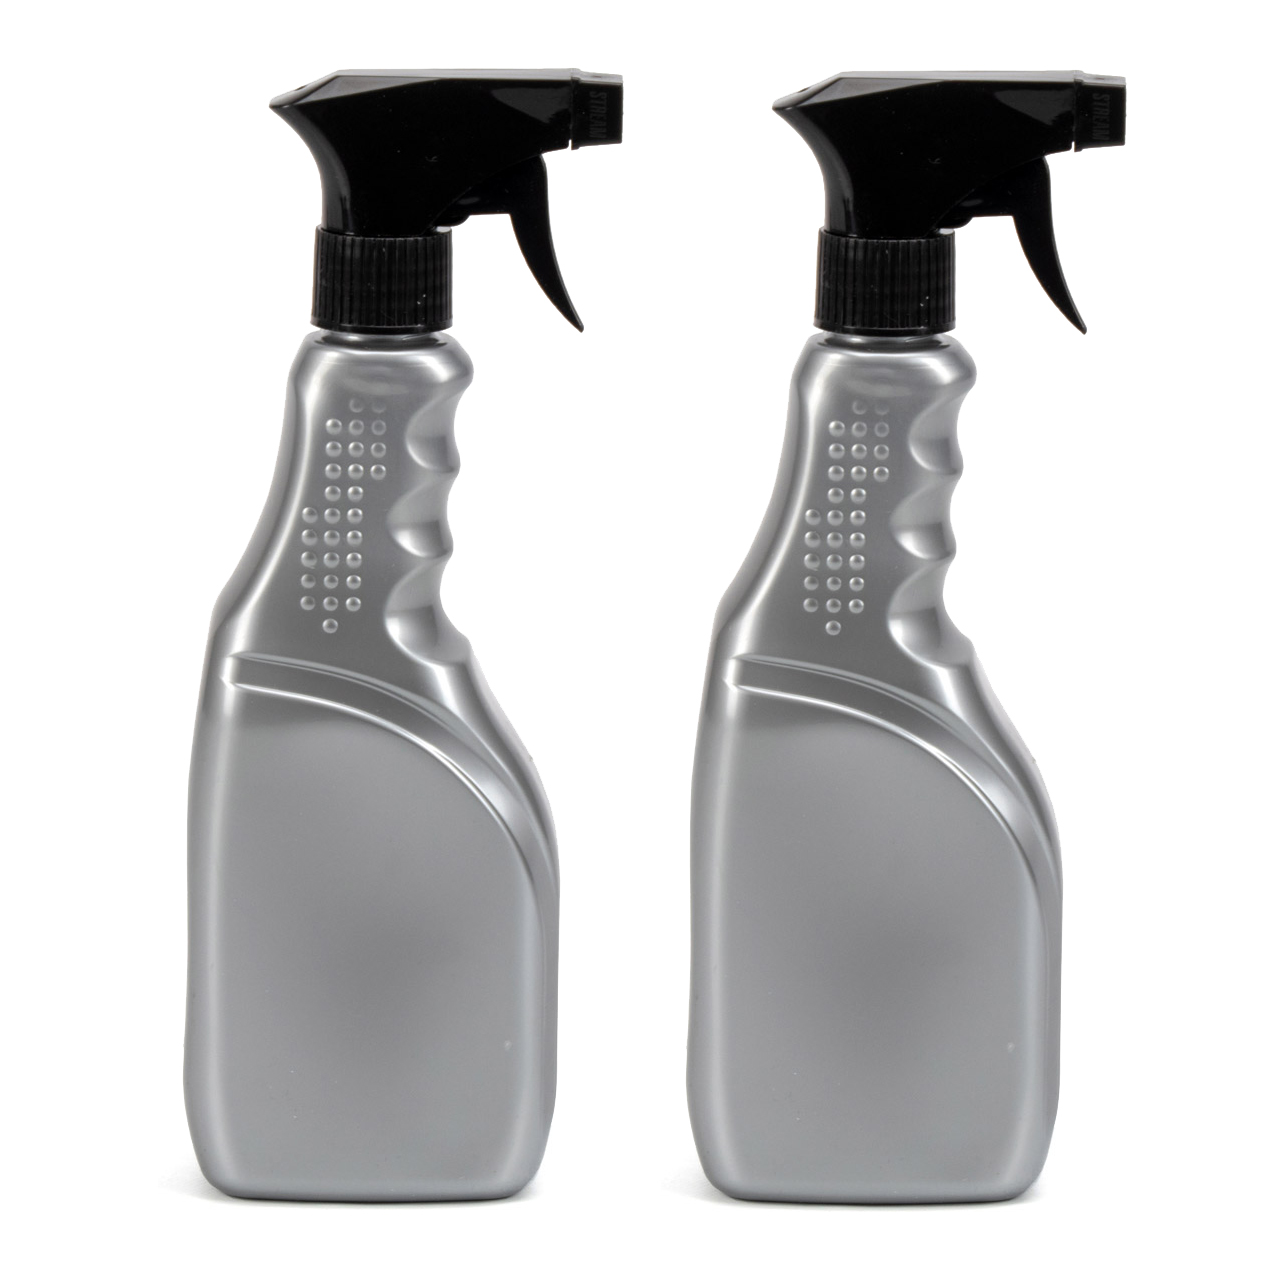 Sprühflasche Pumpzerstäuber Pumpsprühflasche Handsprüher Zerstäuber 2x 500ml